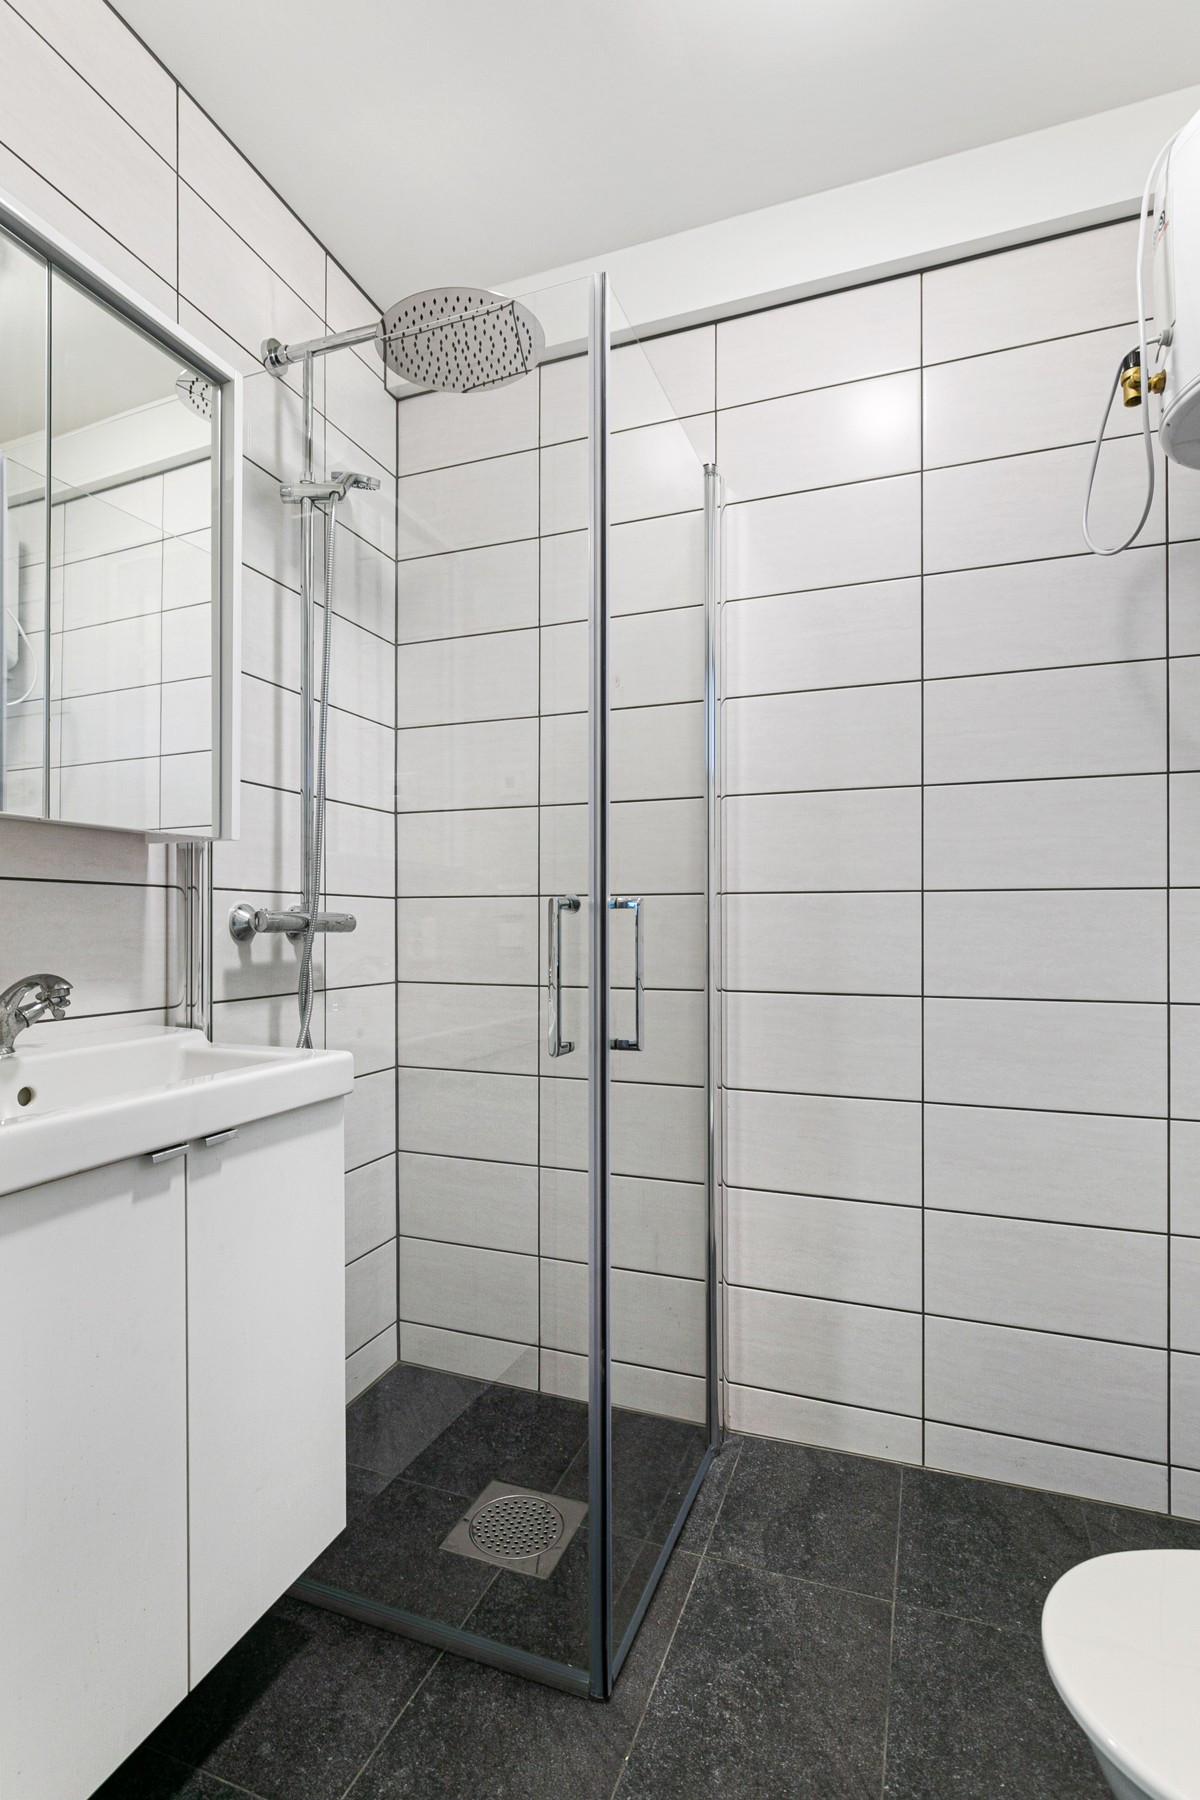 Bad i utleienhet - Komplett flislagt med gulvvarme, dusjnisje og vegghengt servant